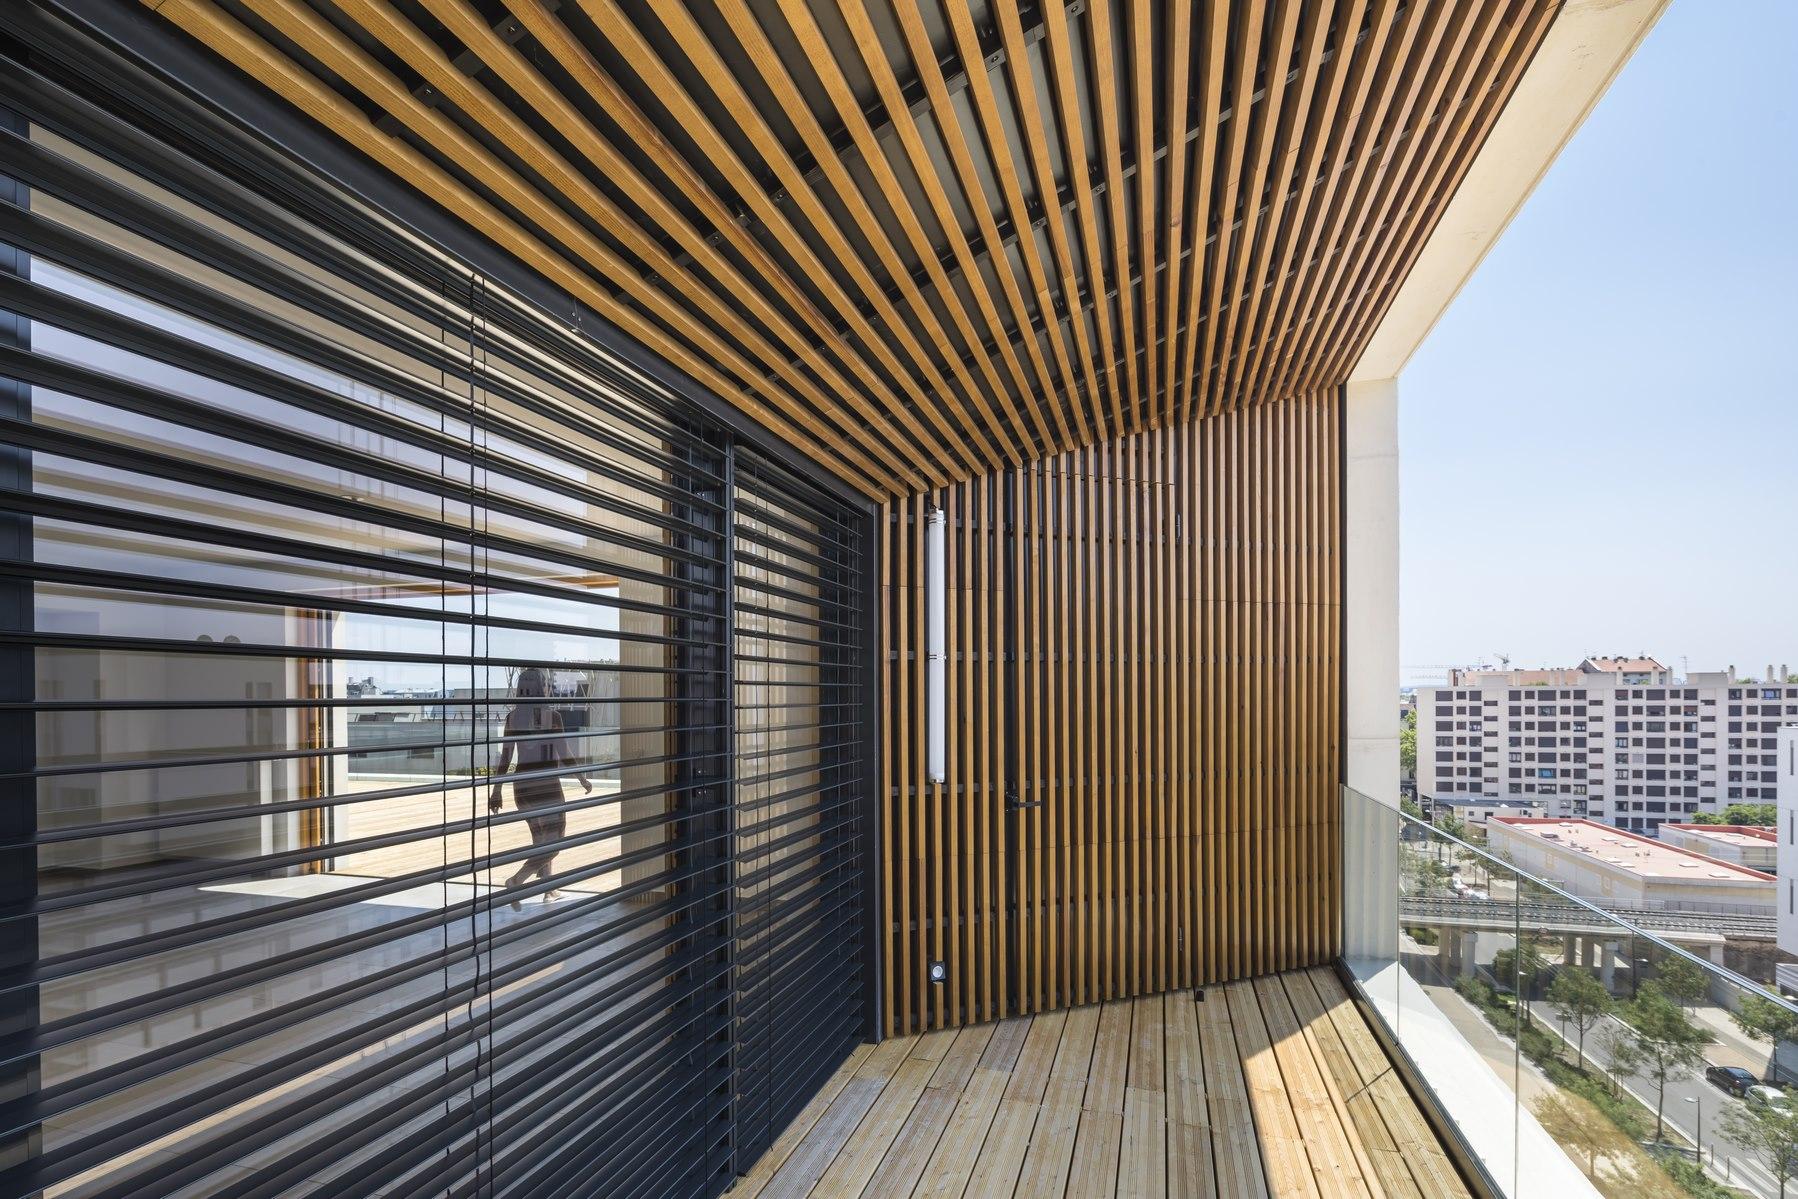 Ilot G / les Loges de Saône - Lyon Confluence - Z Architecture